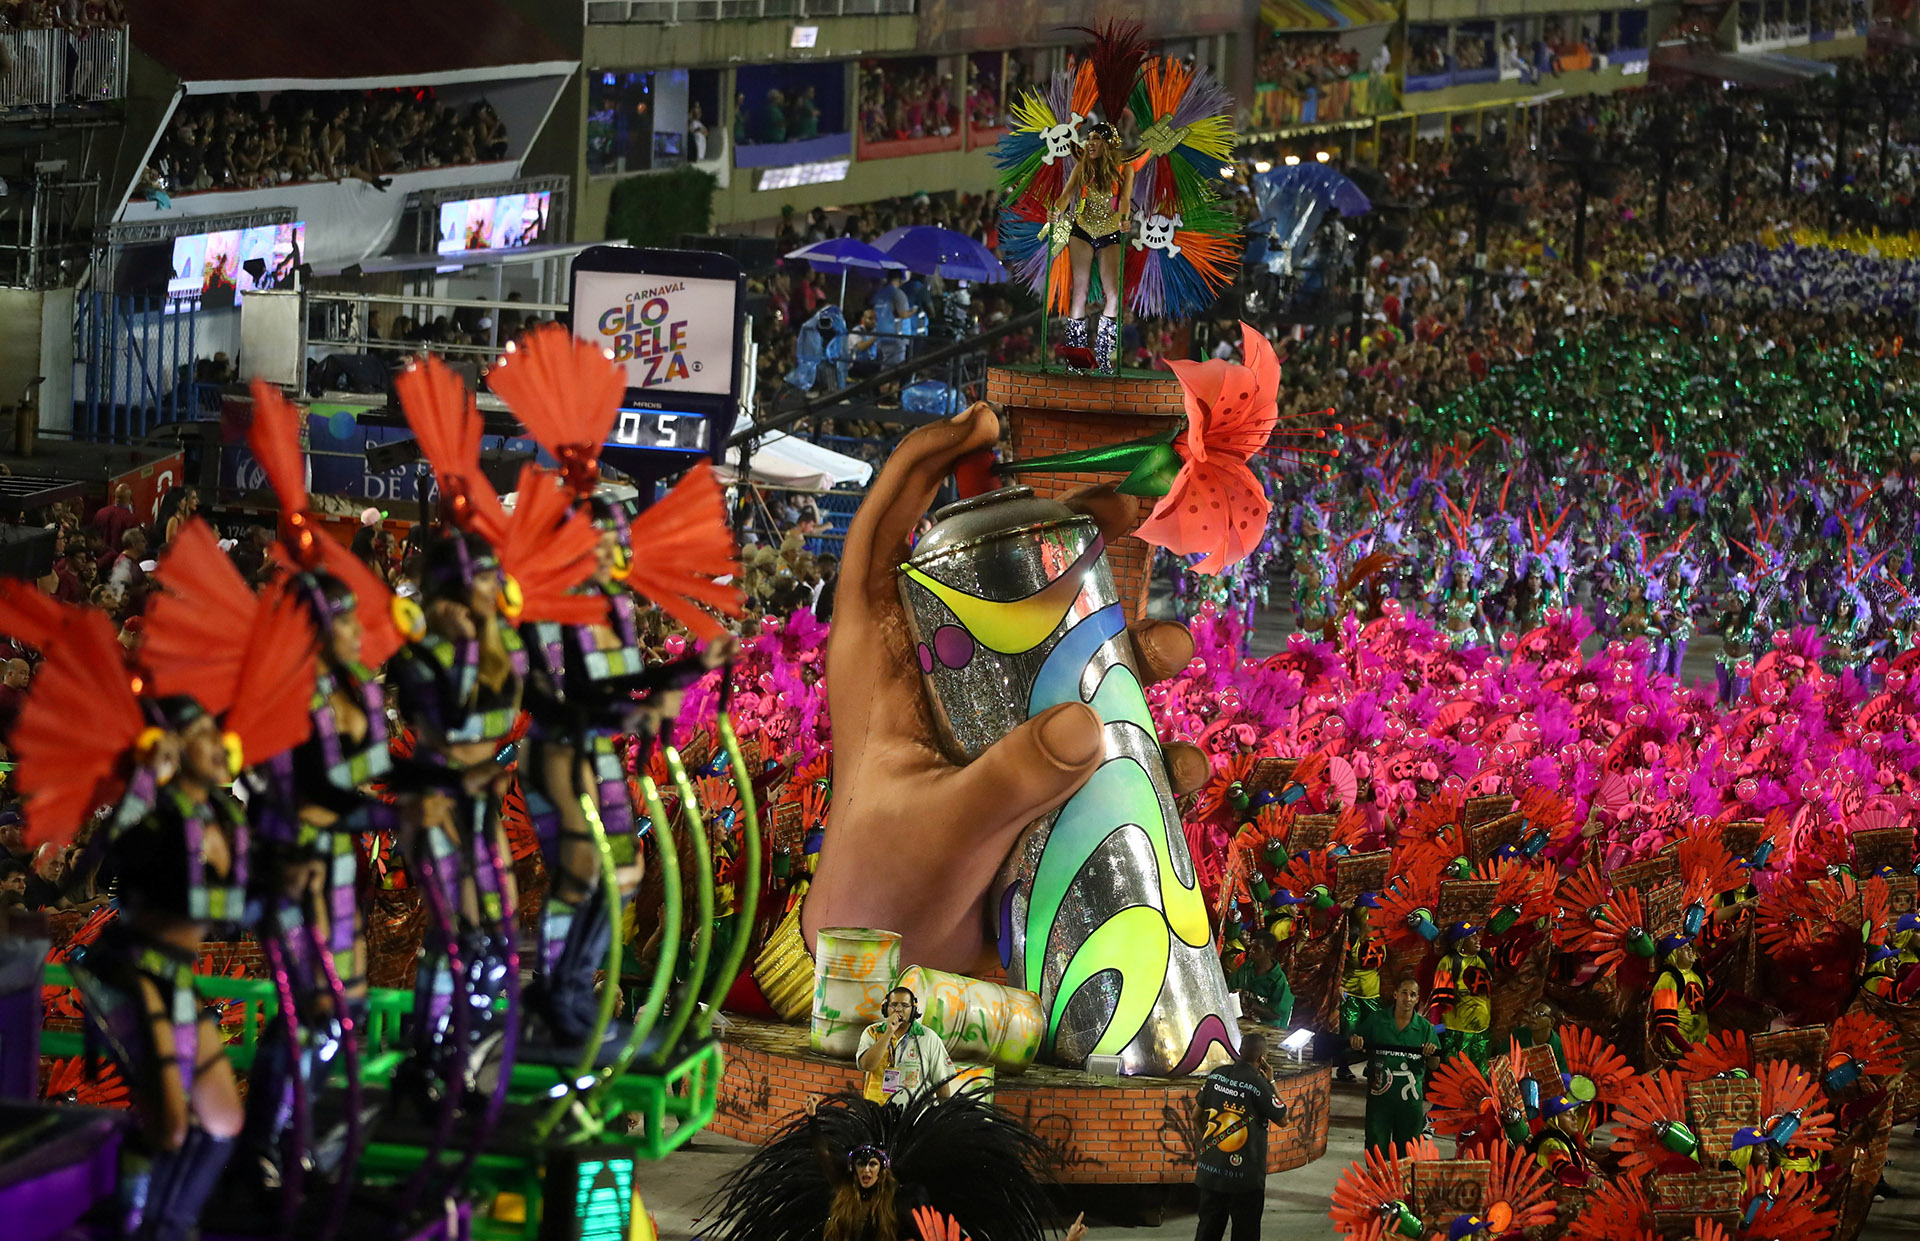 """Varios """"enredos"""" (temas) de los desfiles se presentan este año como un desafío a la ola ultraconservadora que llevó al poder al presidente Jair Bolsonaro"""